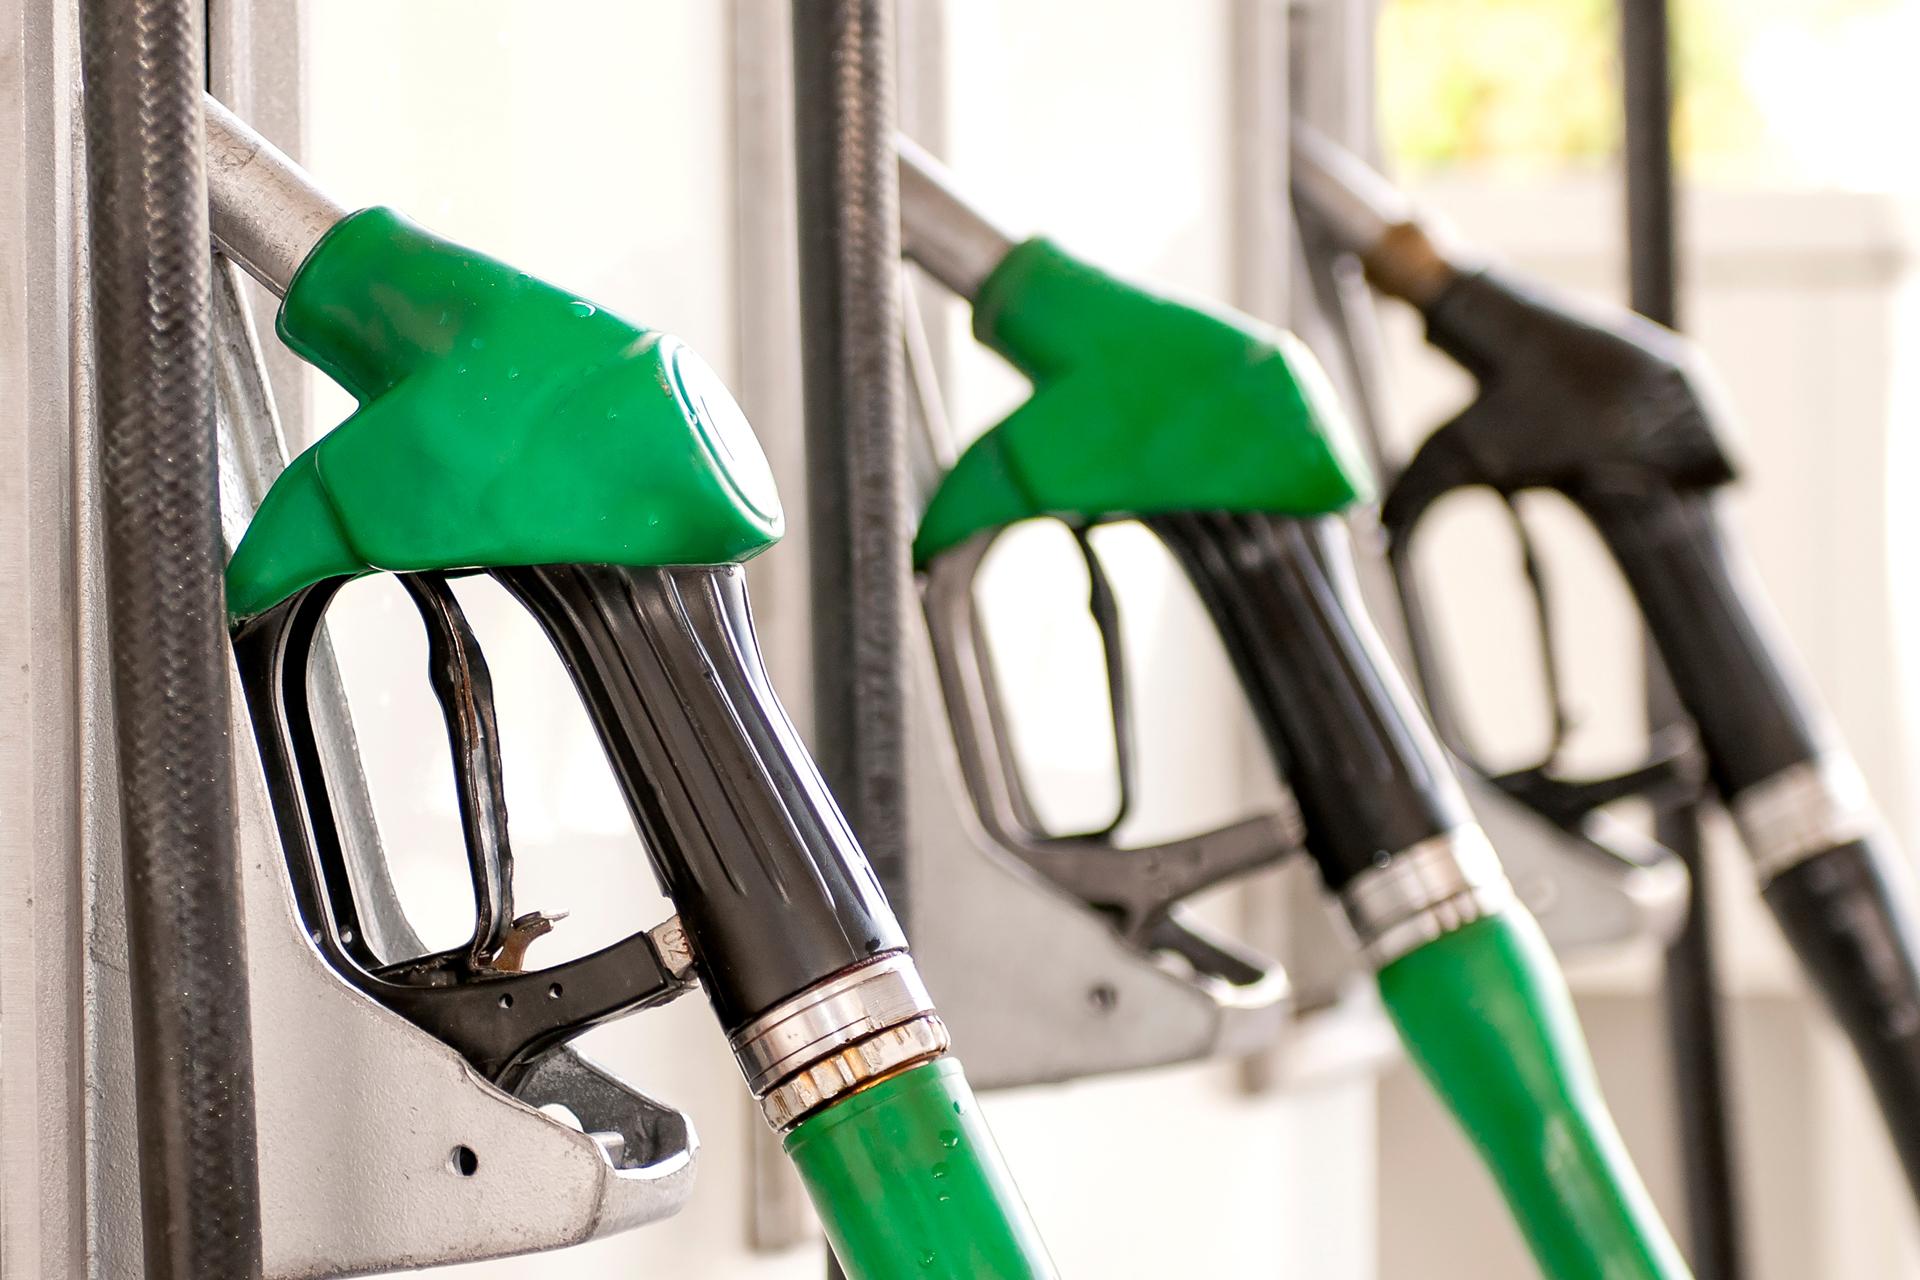 Минэнерго обещает, что бензин в 2018 году больше не подорожает, но верится этому с трудом